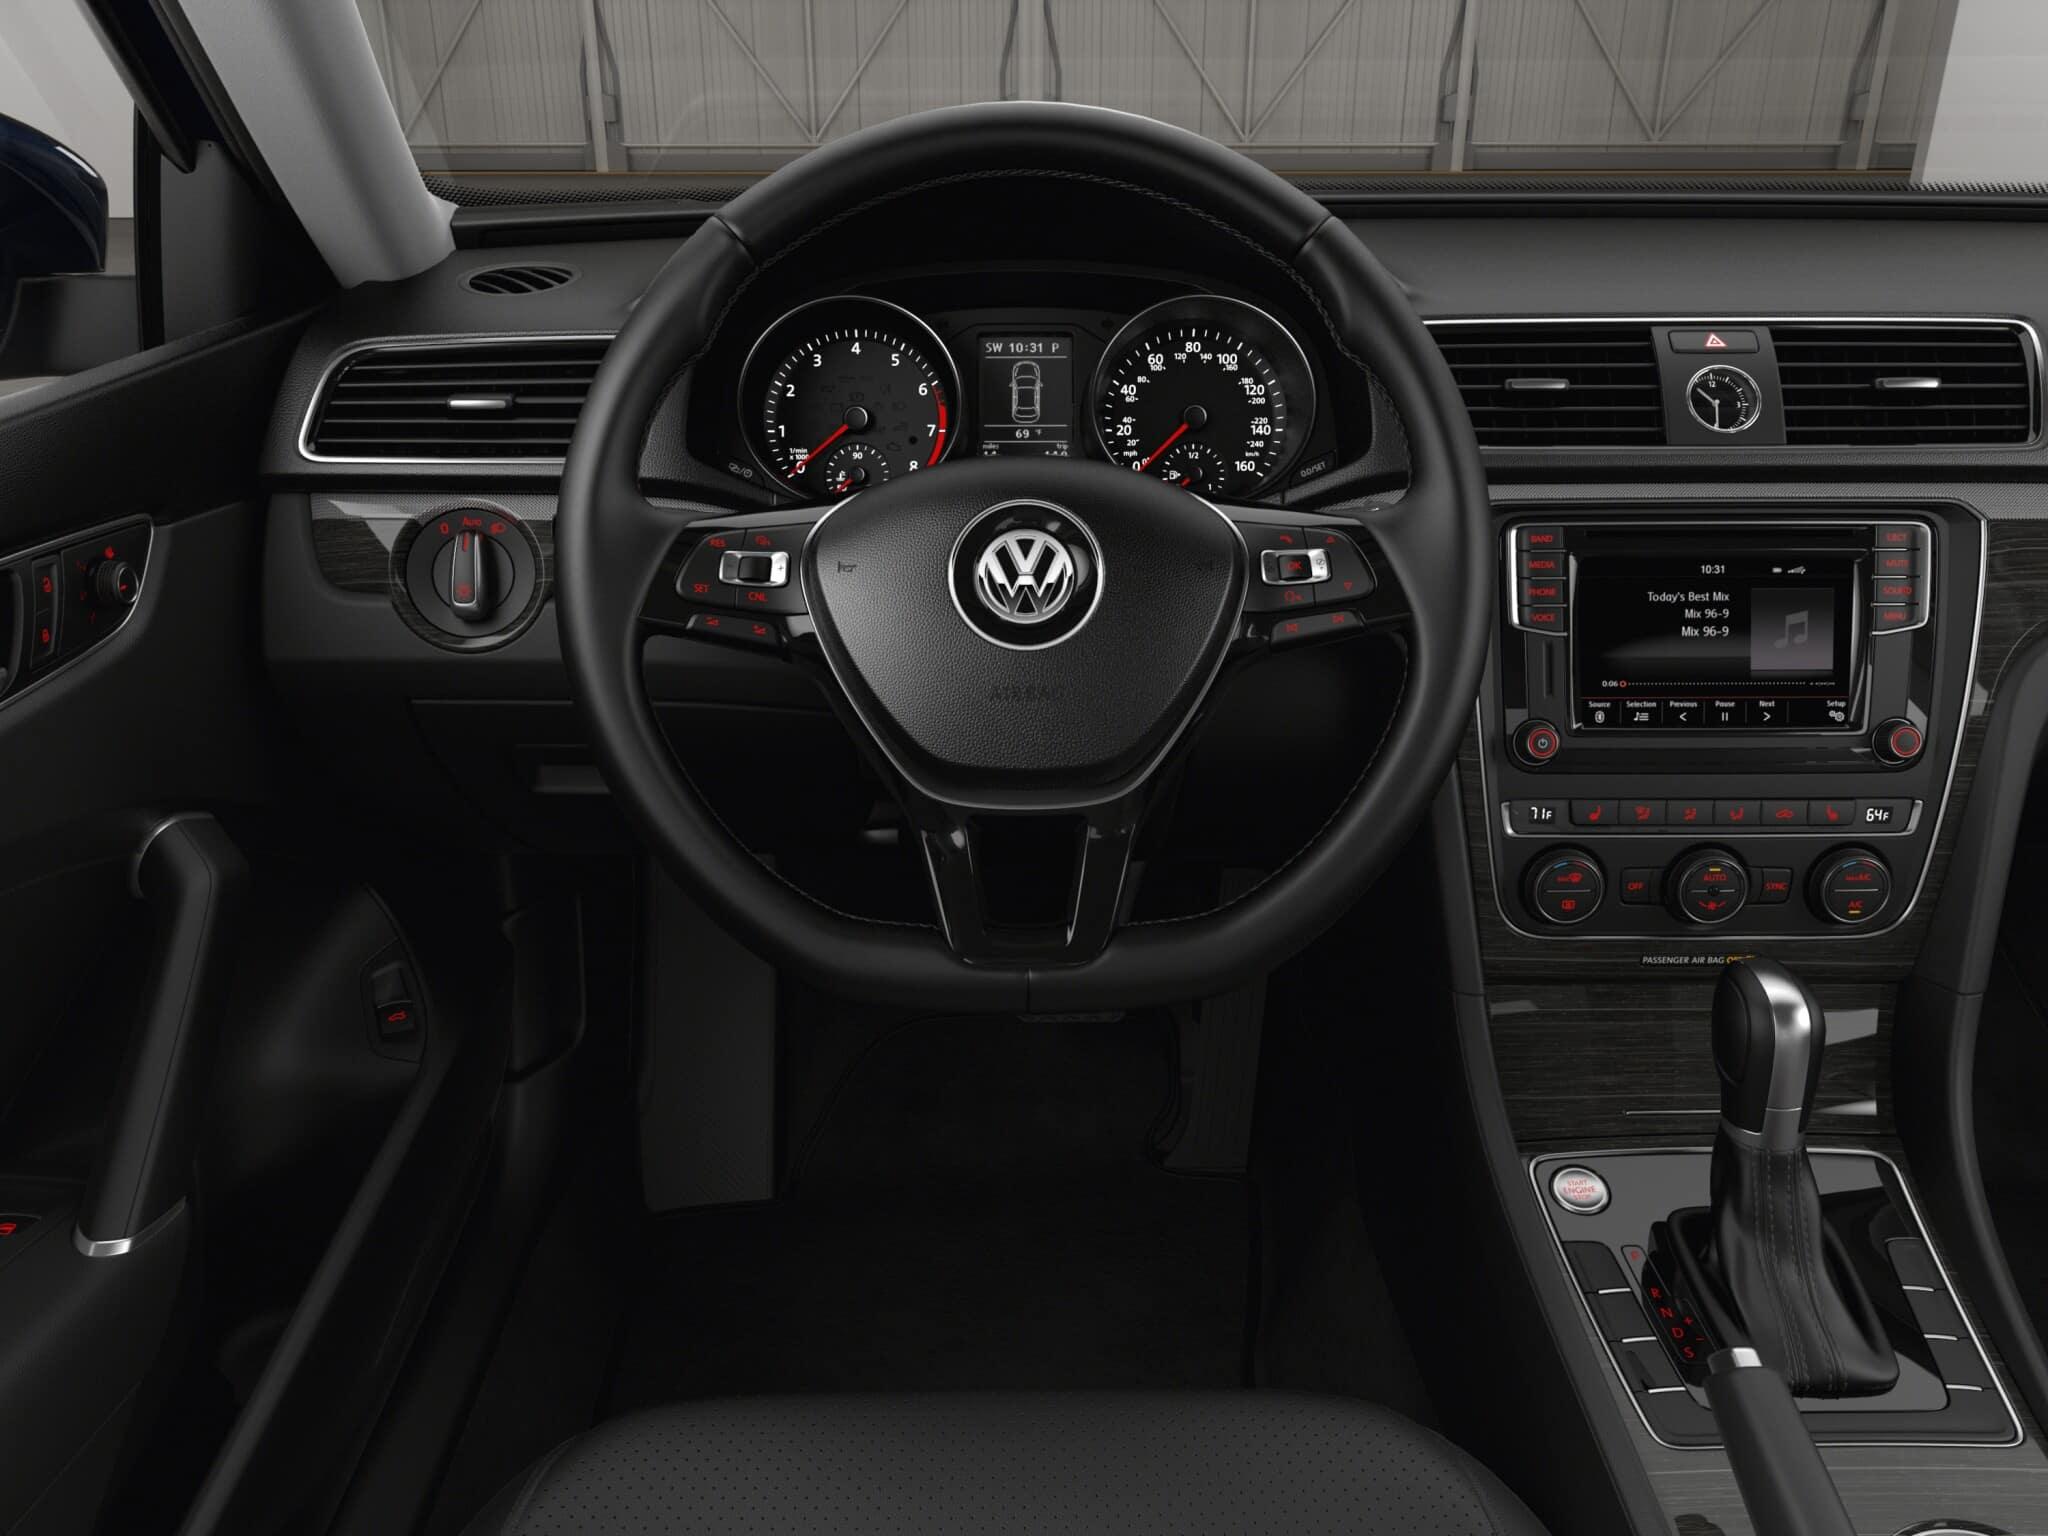 2017 Volkswagen Passat SE Front Interior